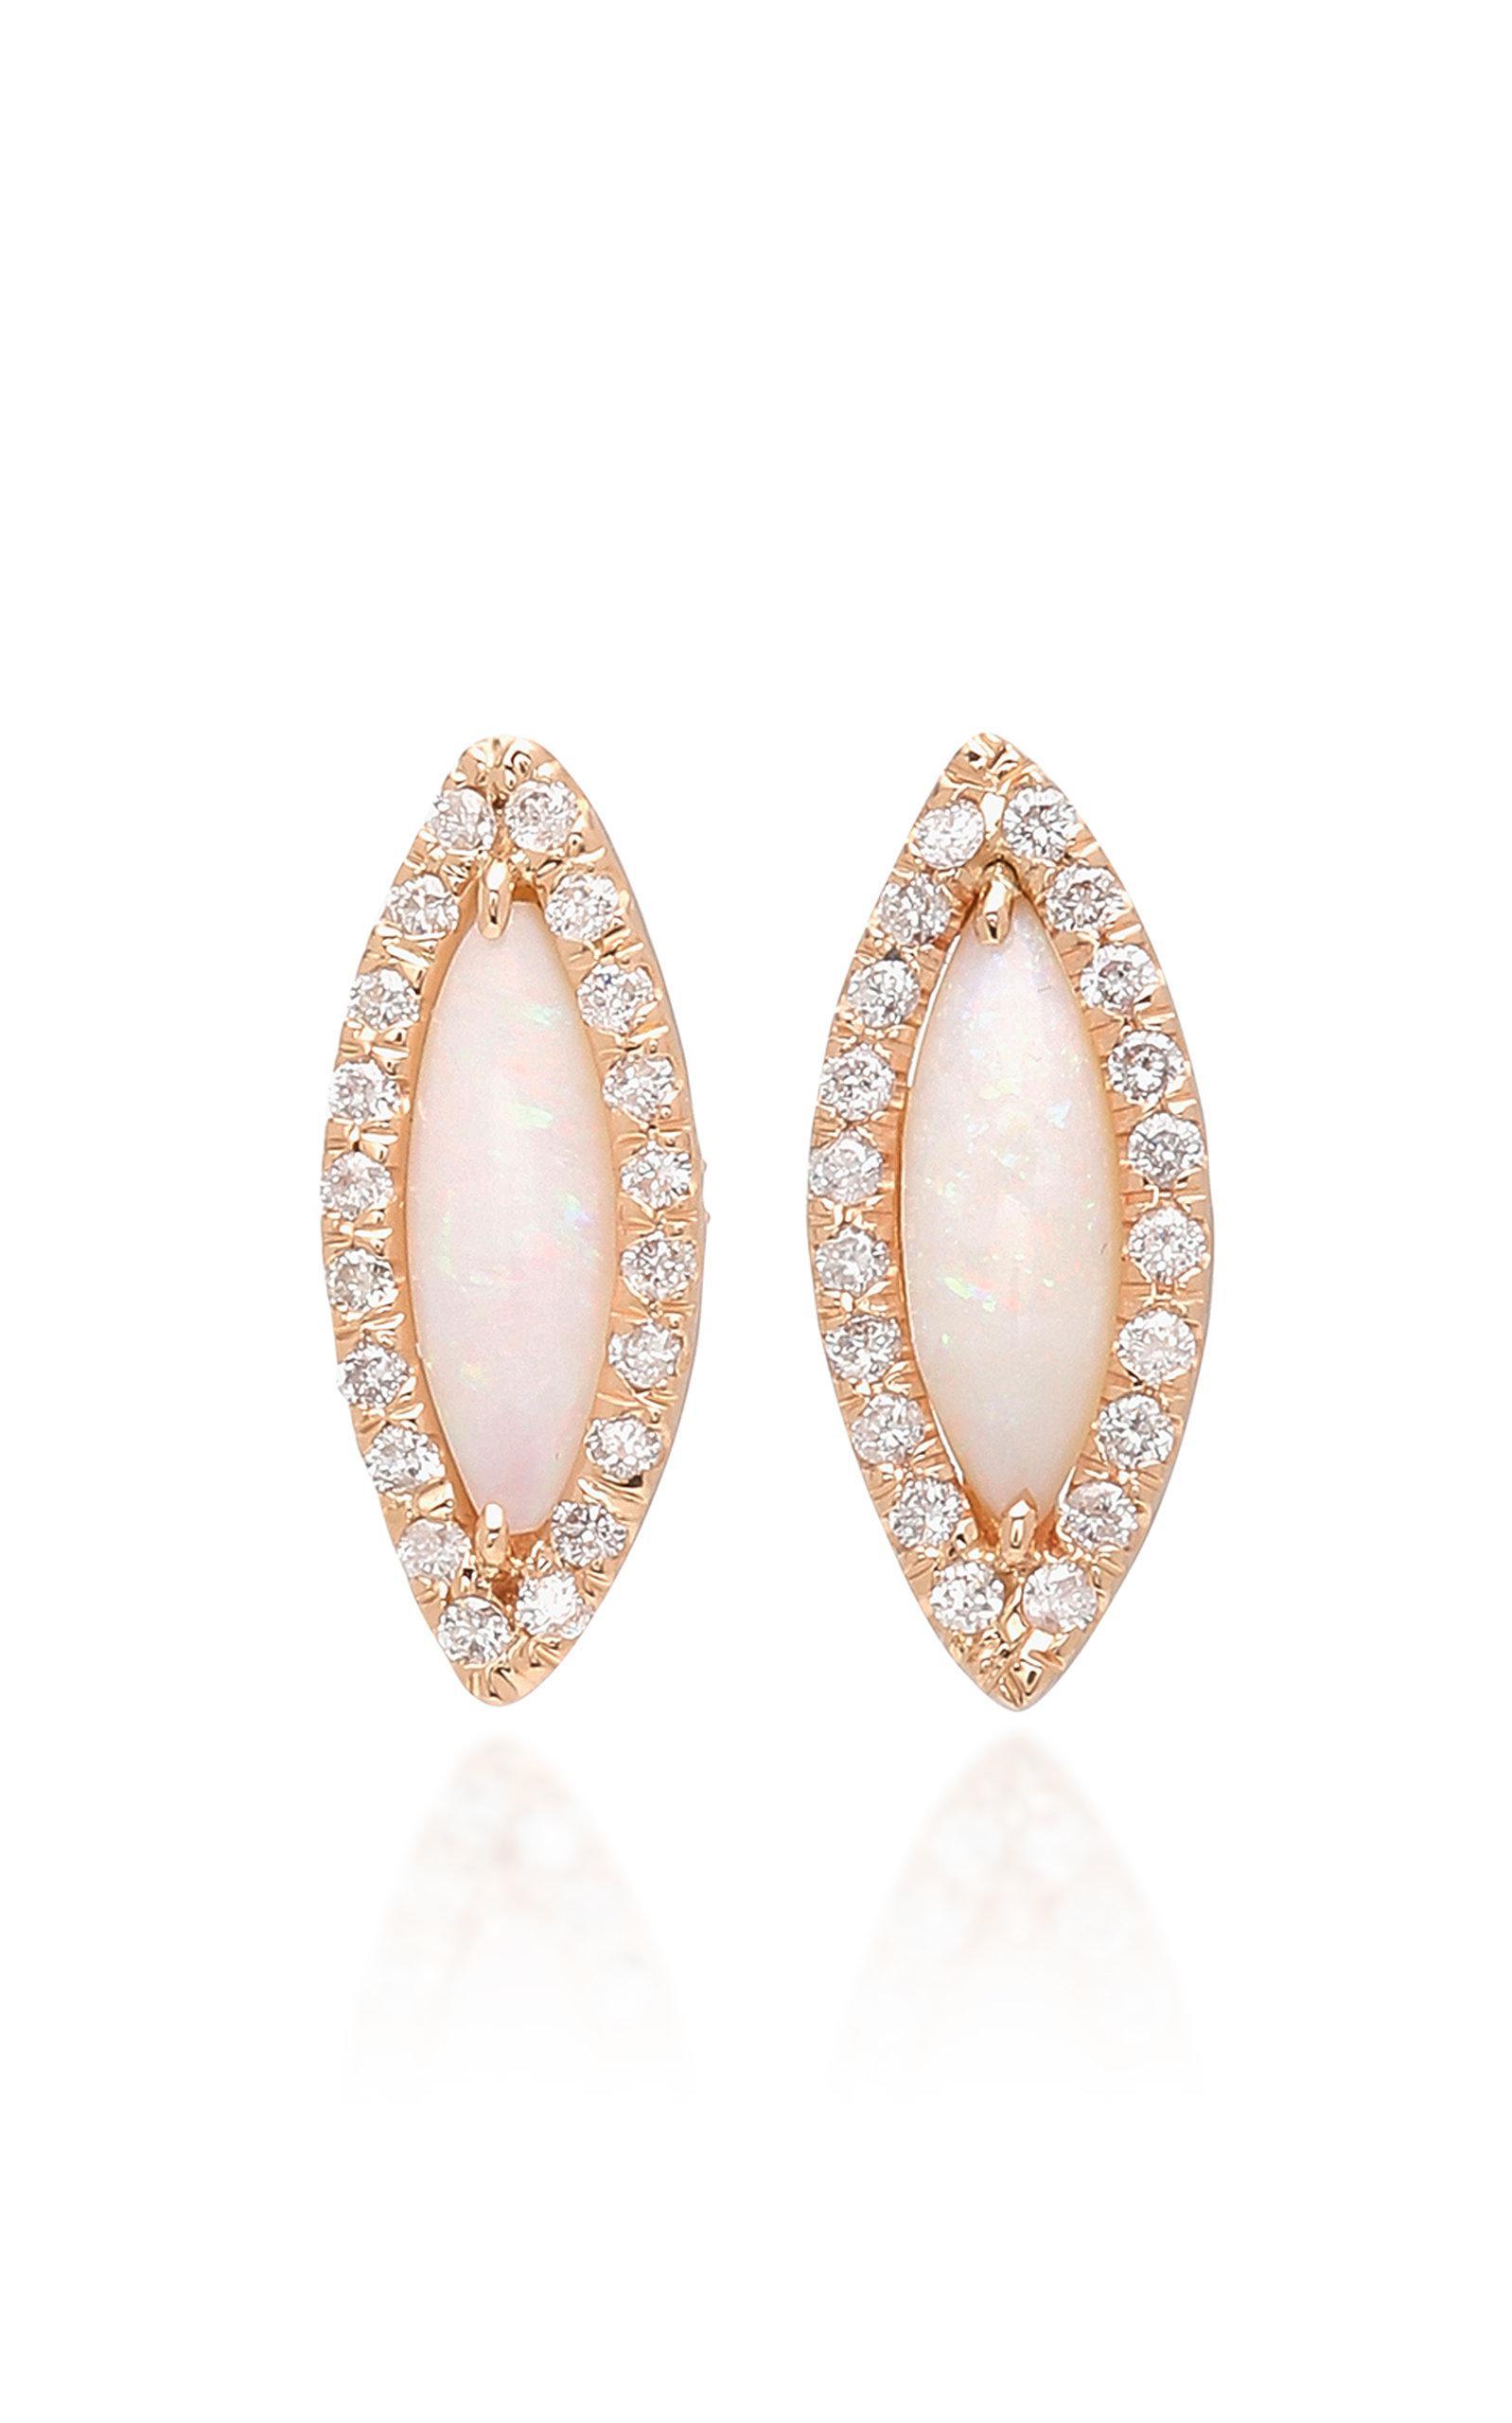 18k Rose Gold Diamond Stud Earrings Kimberly McDonald V4DsbjgAj